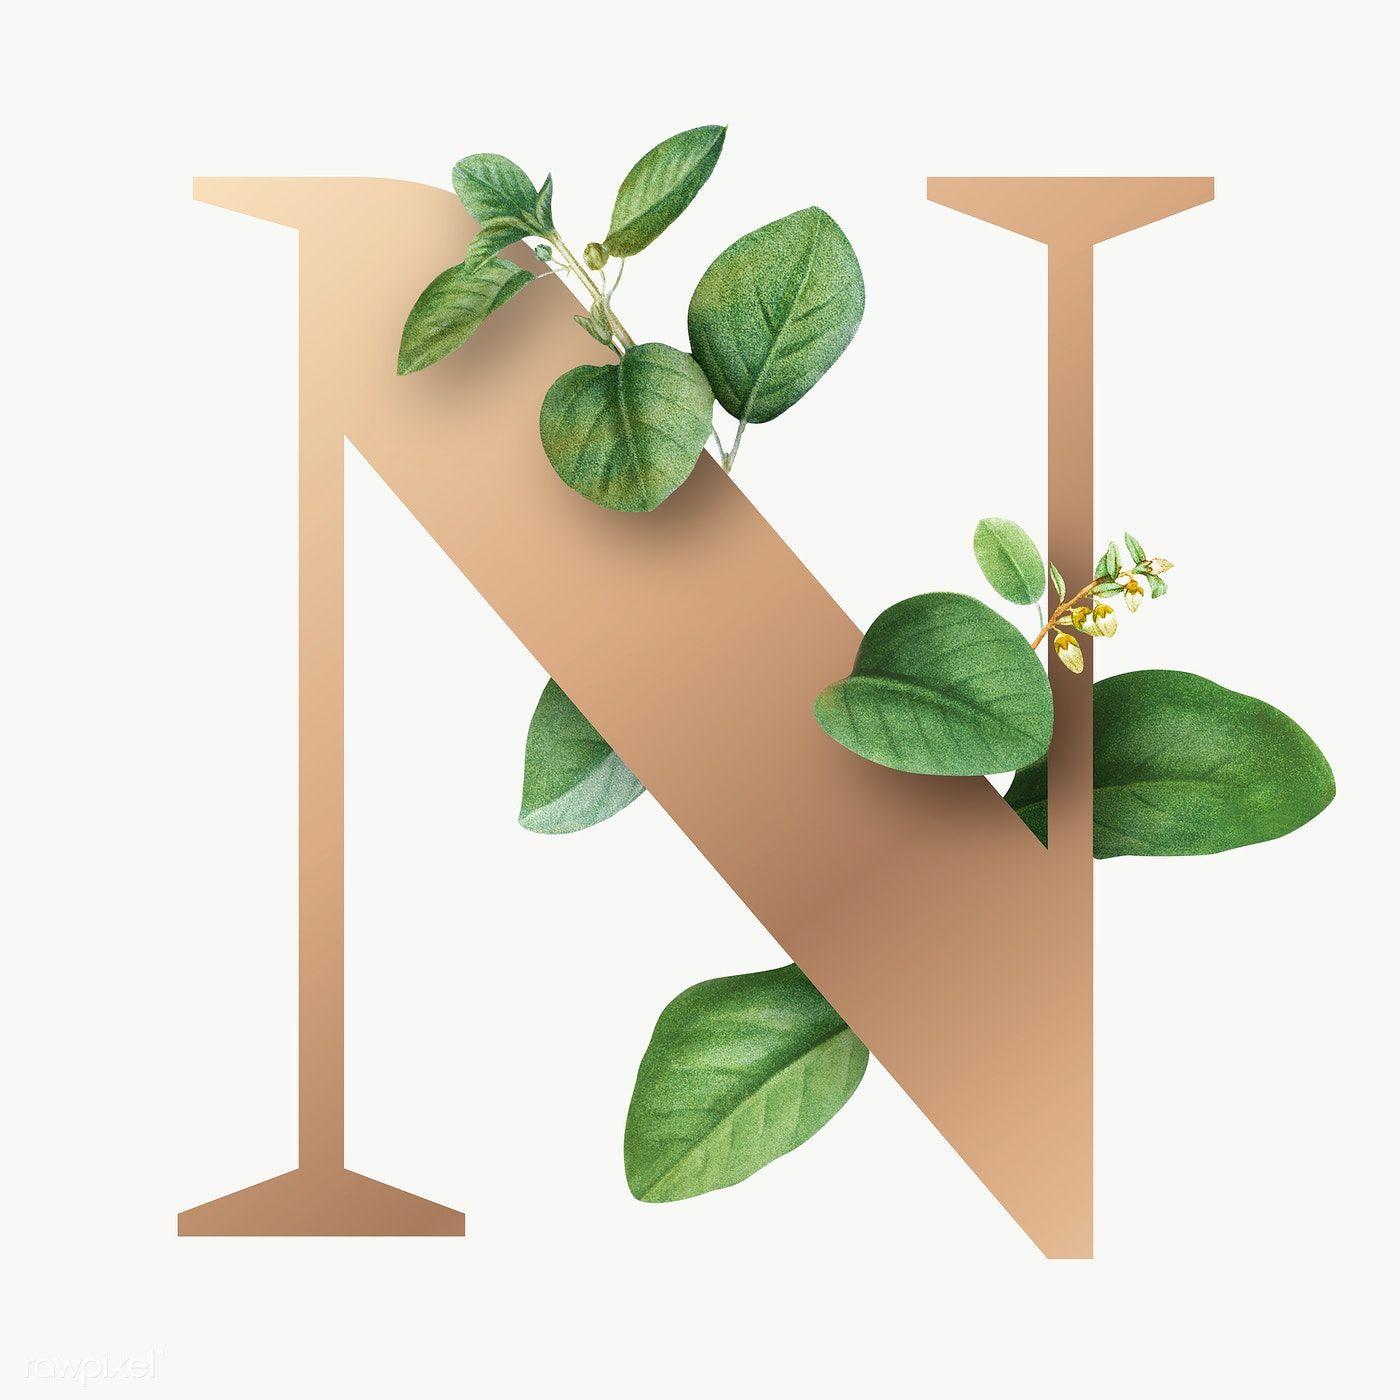 Botanical Capital Letter N Transparent Png Premium Image By Rawpixel Com Aum Alphabet Wallpaper Lettering Alphabet Fonts Floral Letters